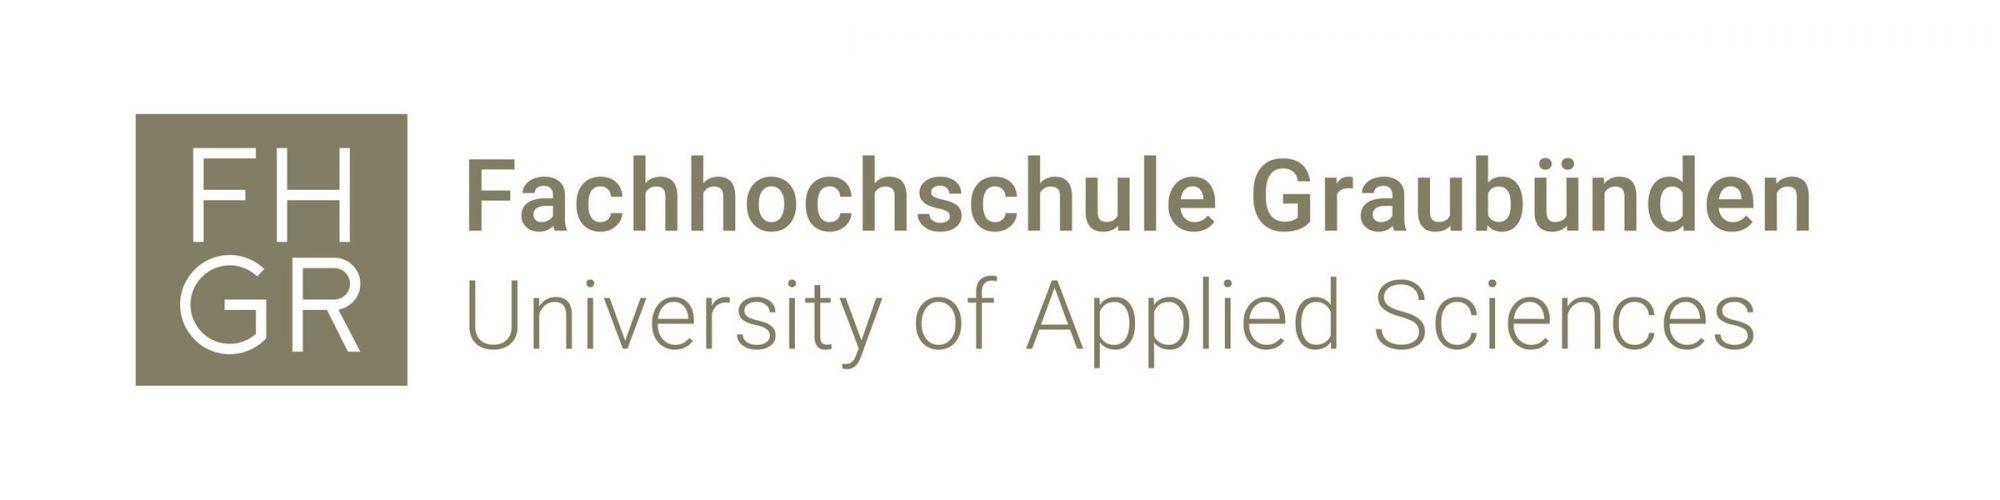 Fachhochschule Graubünden